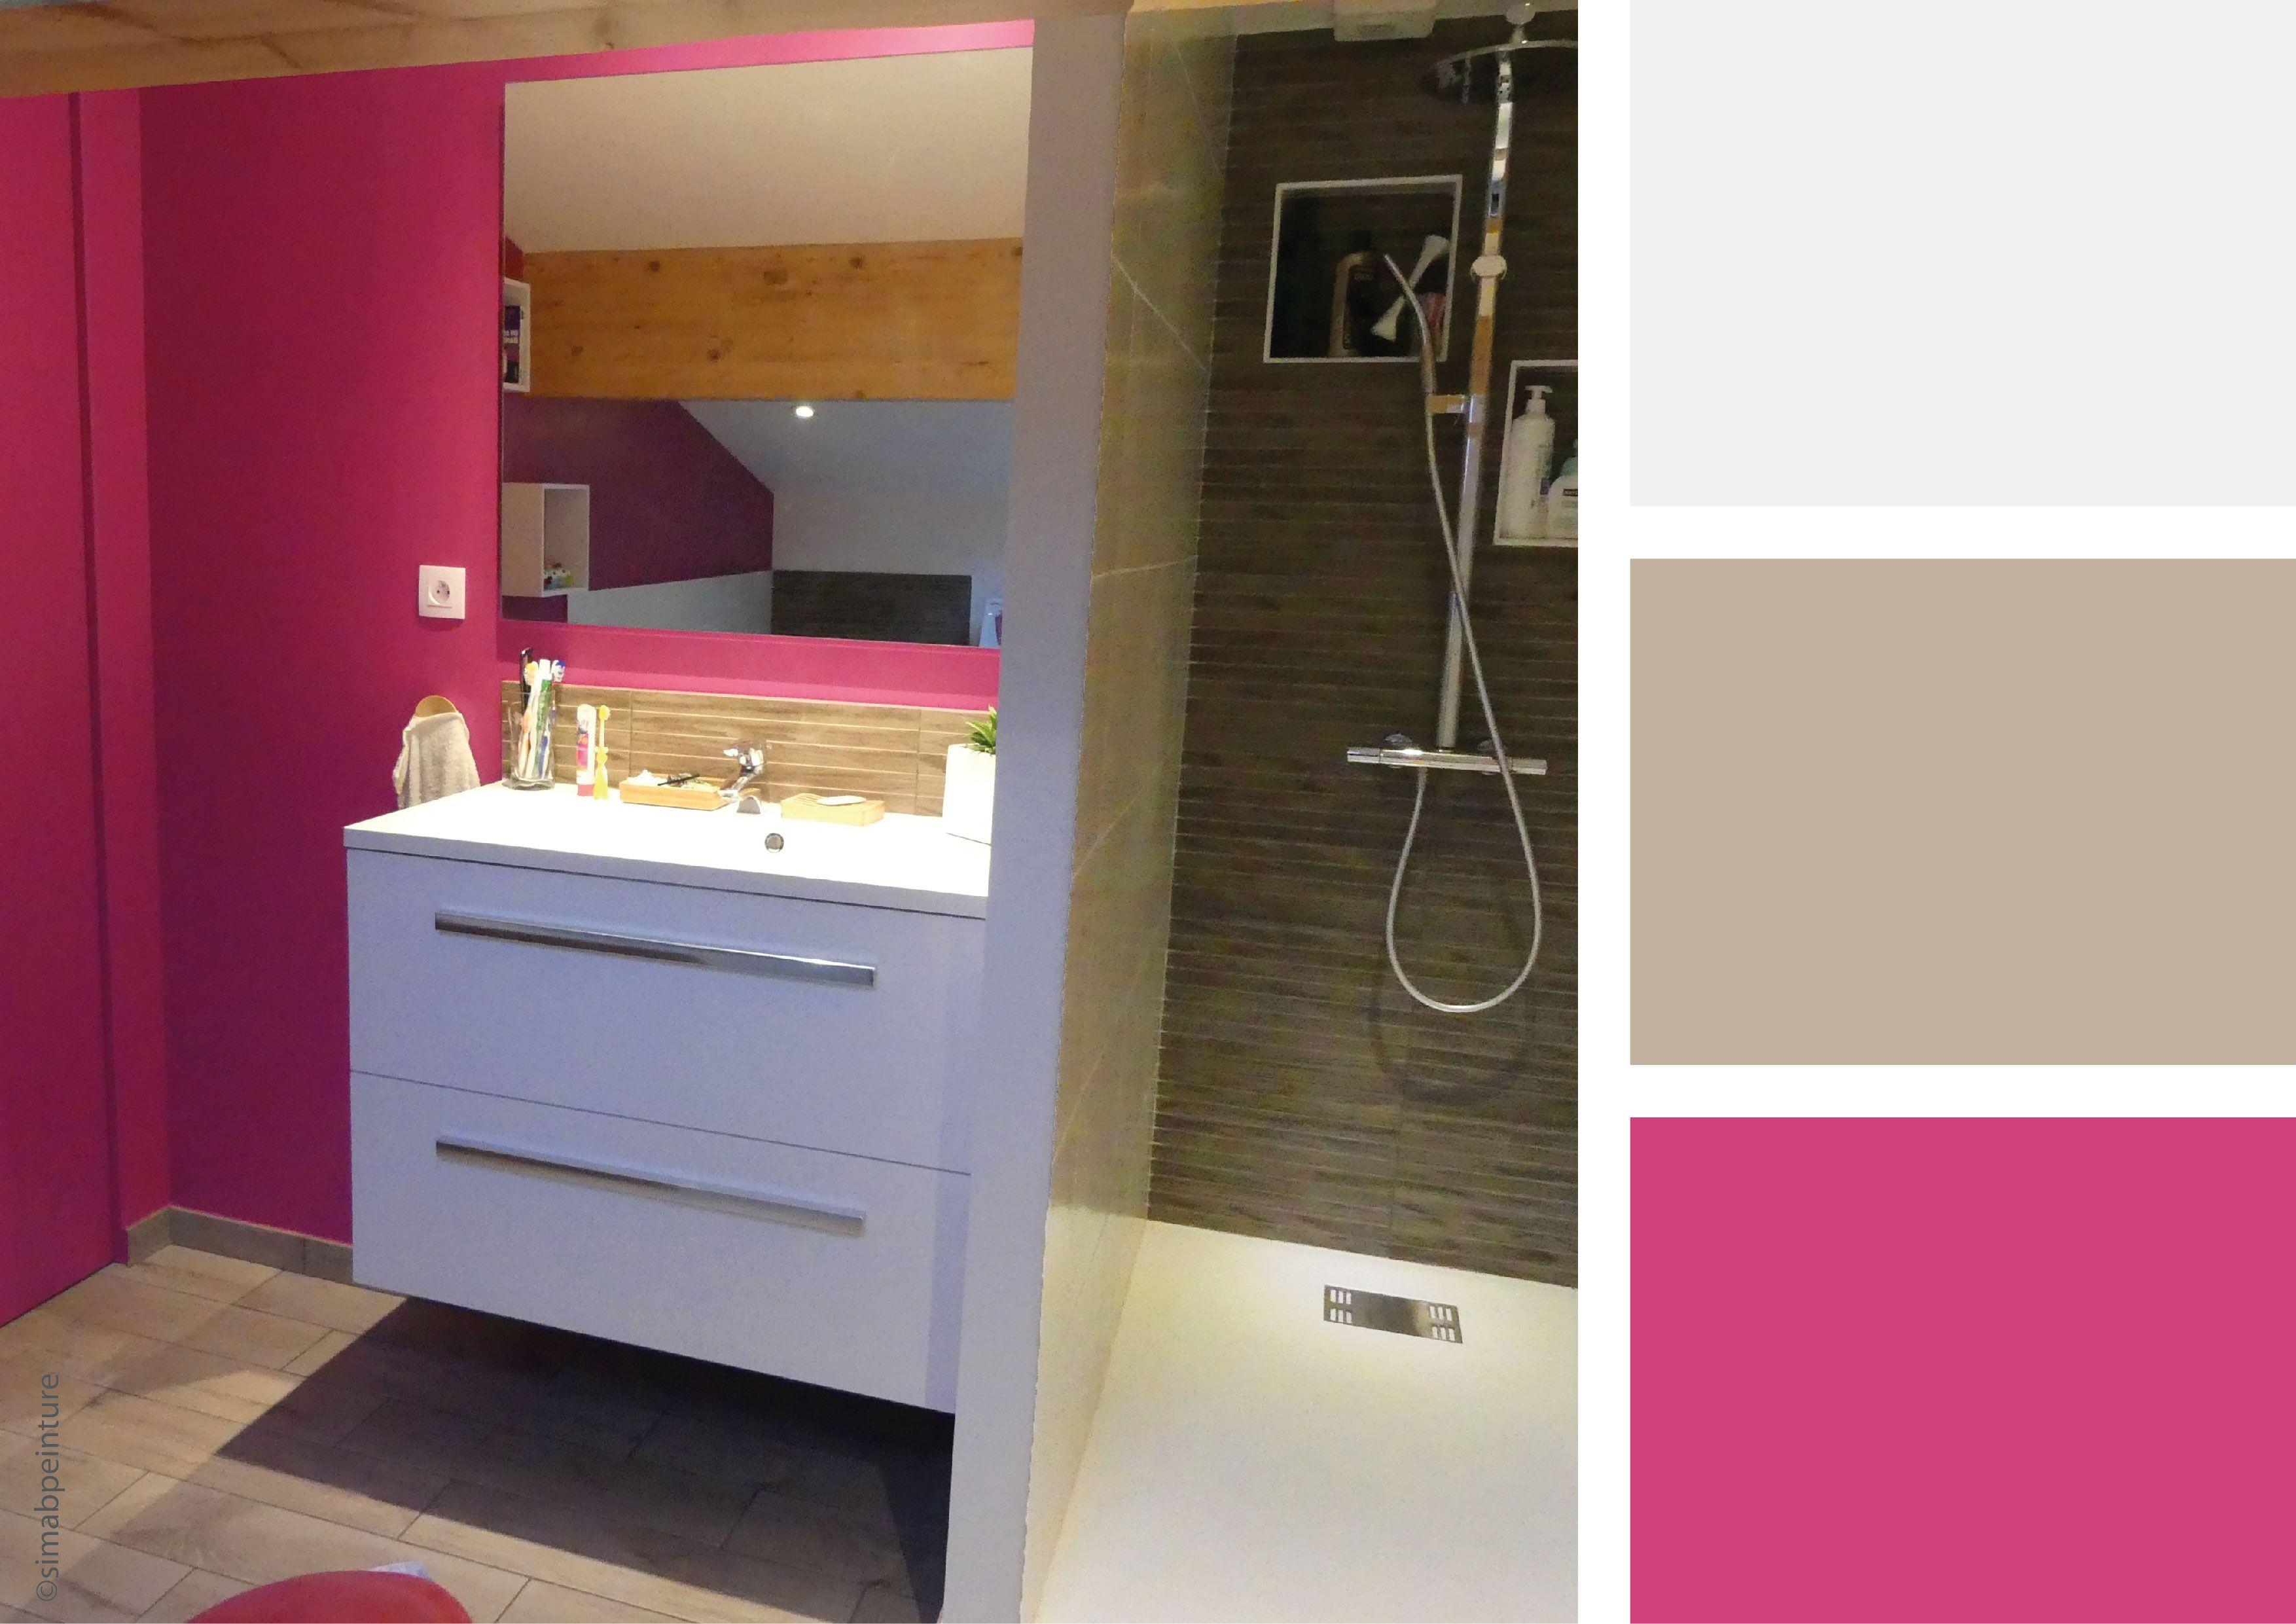 Salle de bain rose osez une déco flashy Avec une association de